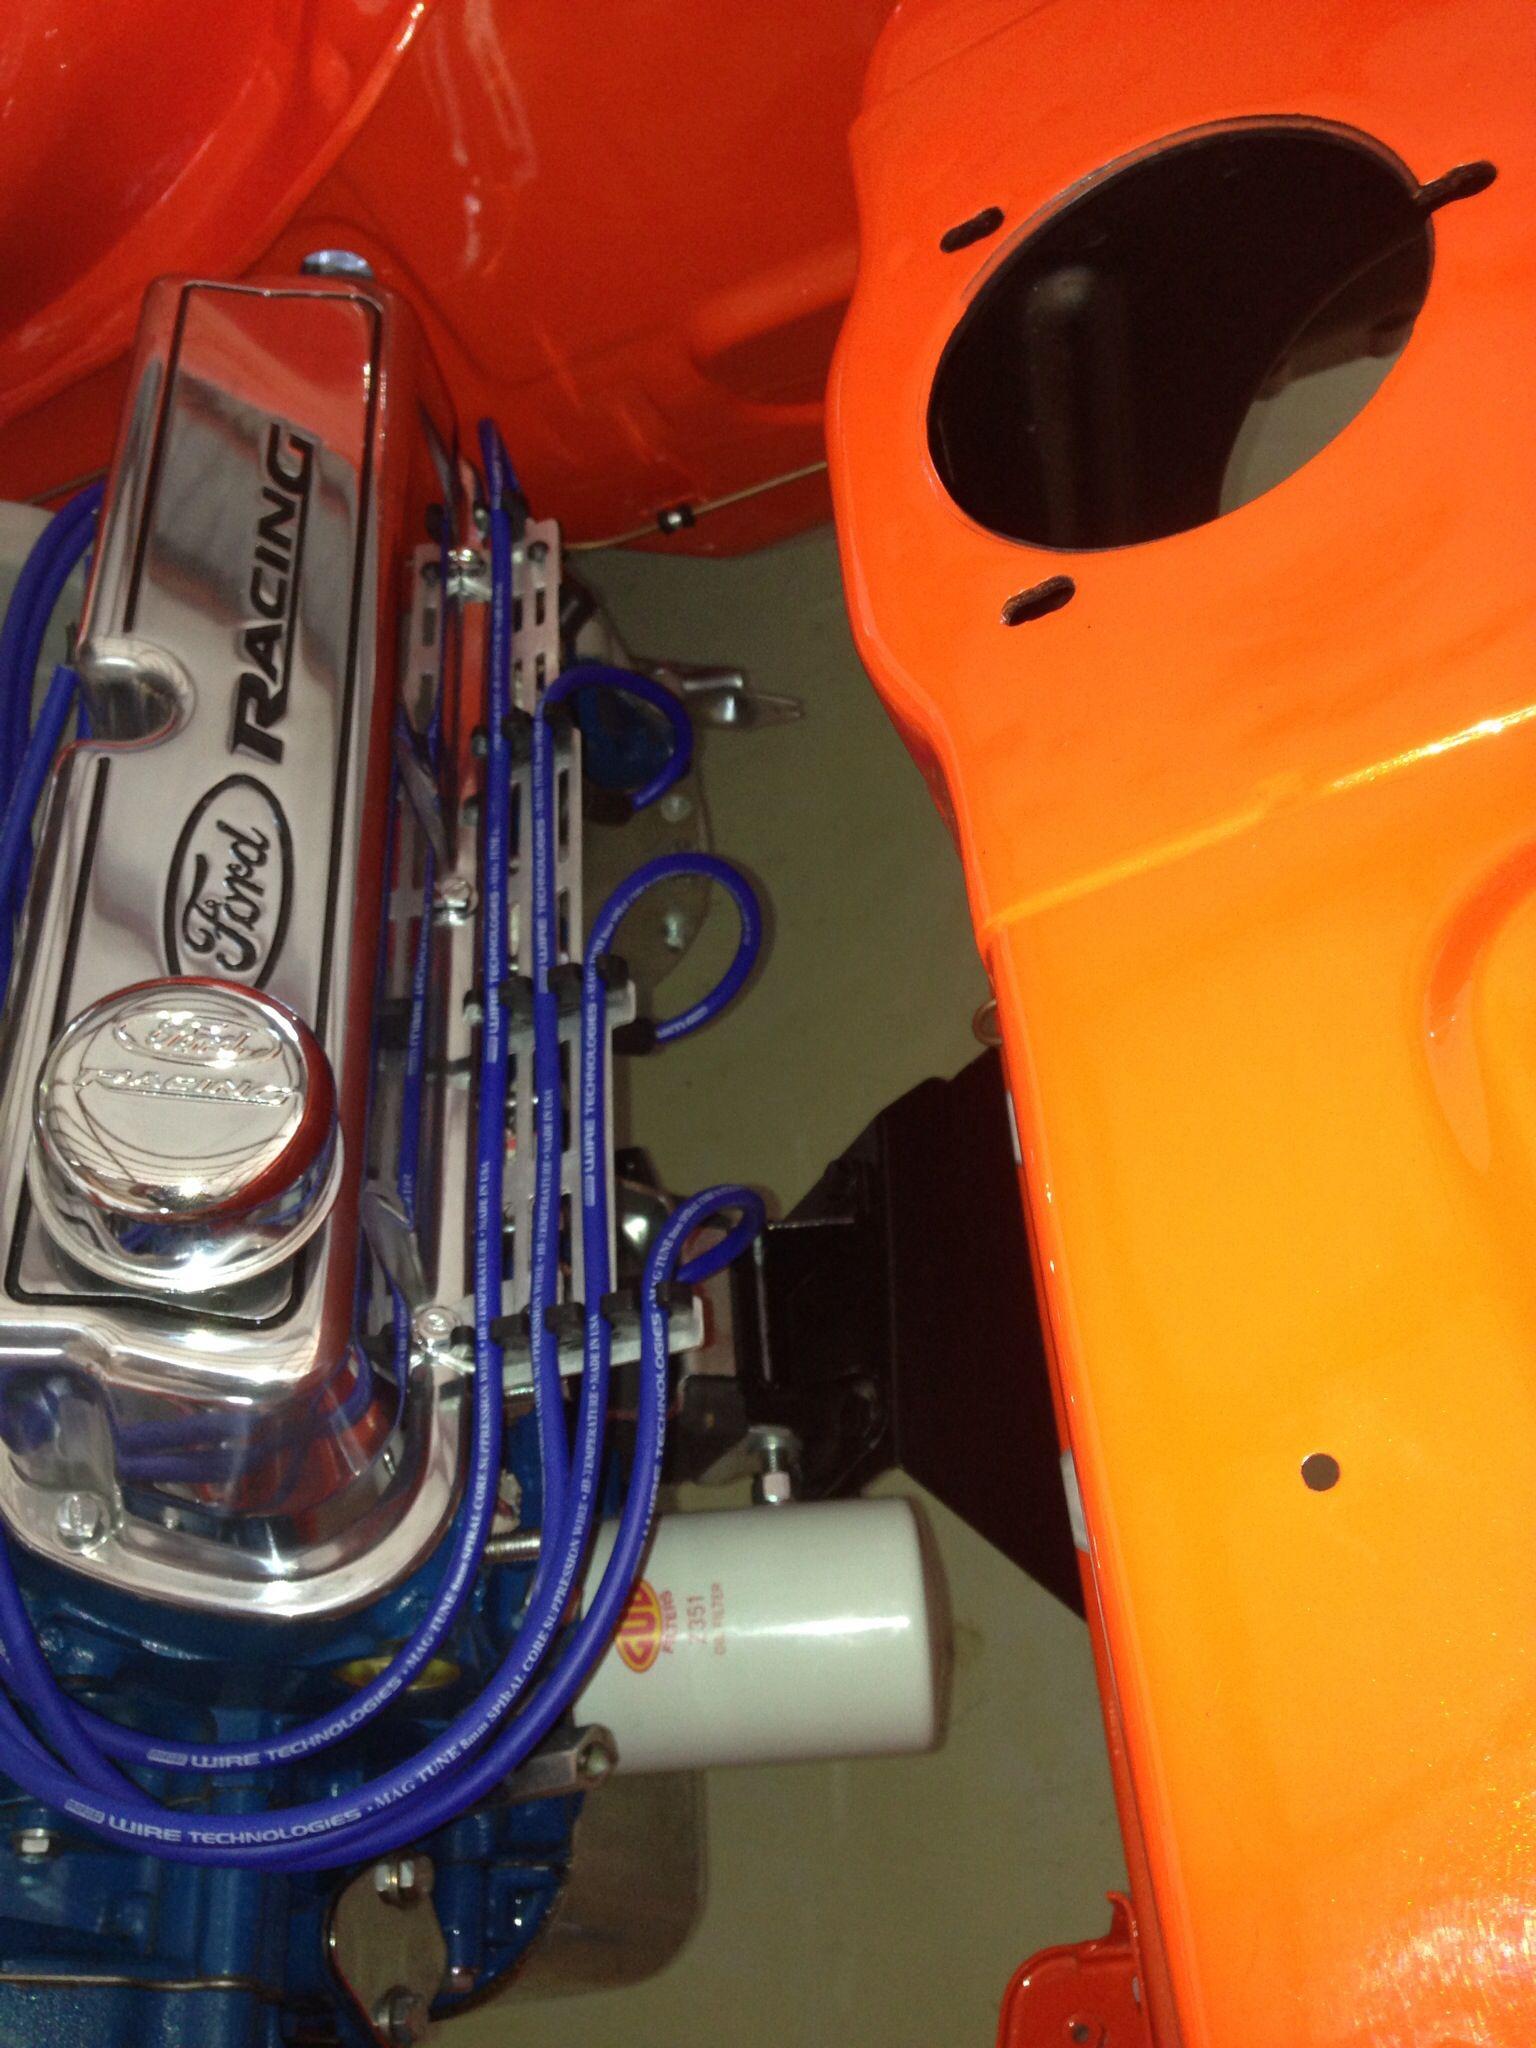 Ford Capri Perana Mustang/Boss 302 V8. Passion